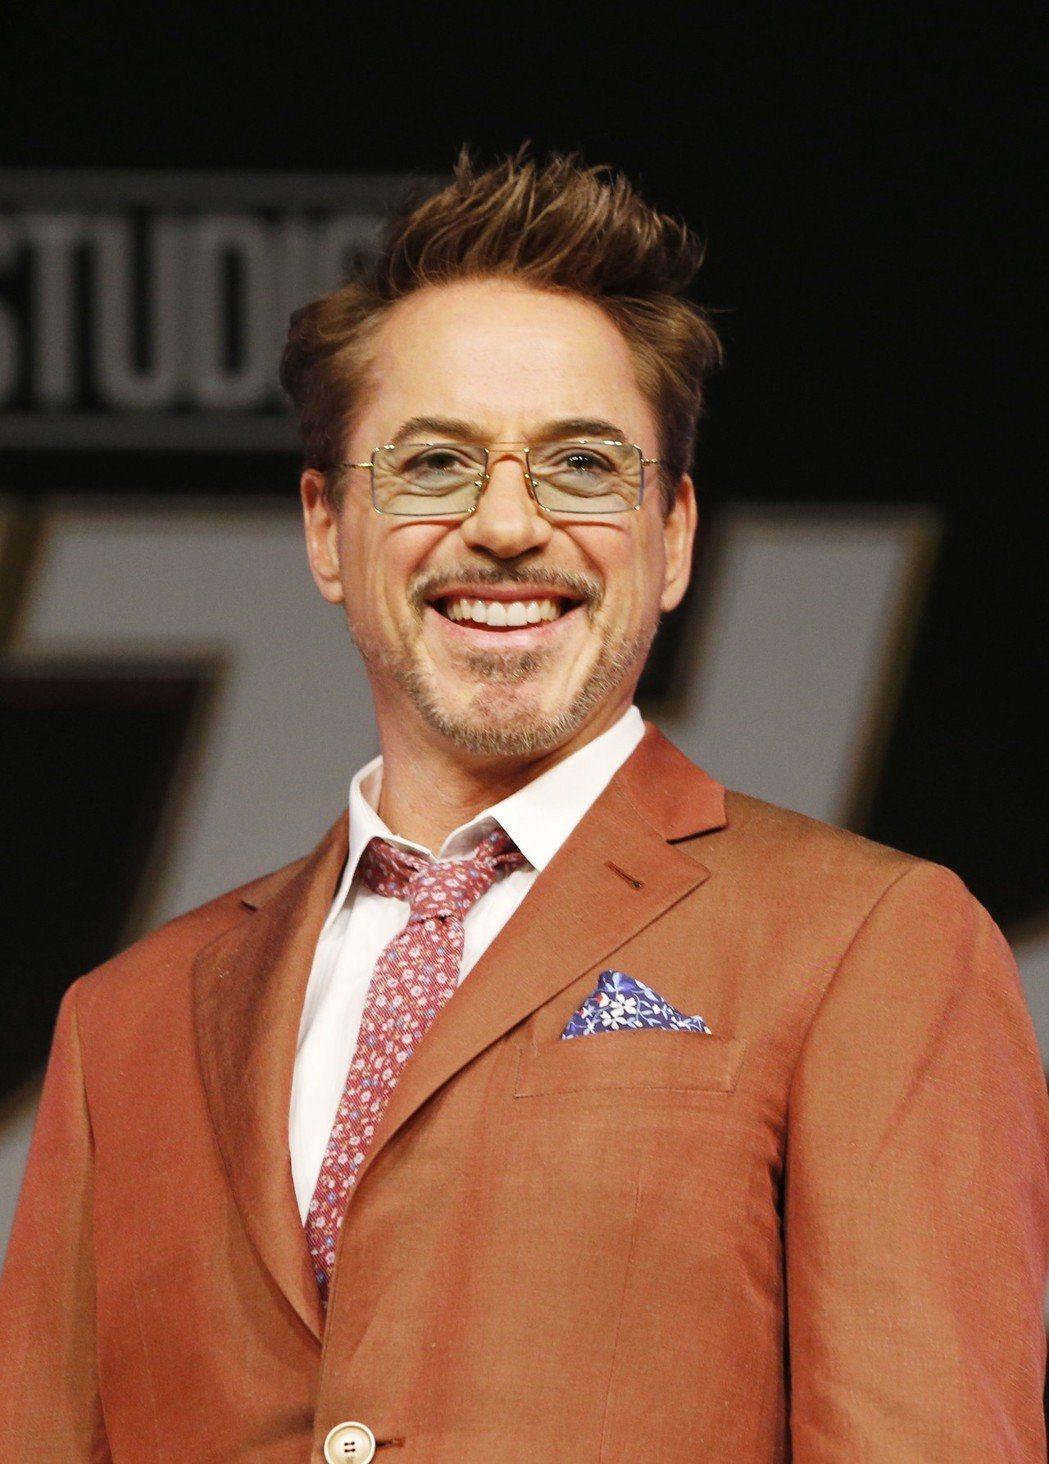 小勞勃道尼因為演出「鋼鐵人」一角受到許多影迷喜愛。(歐新社資料照片)